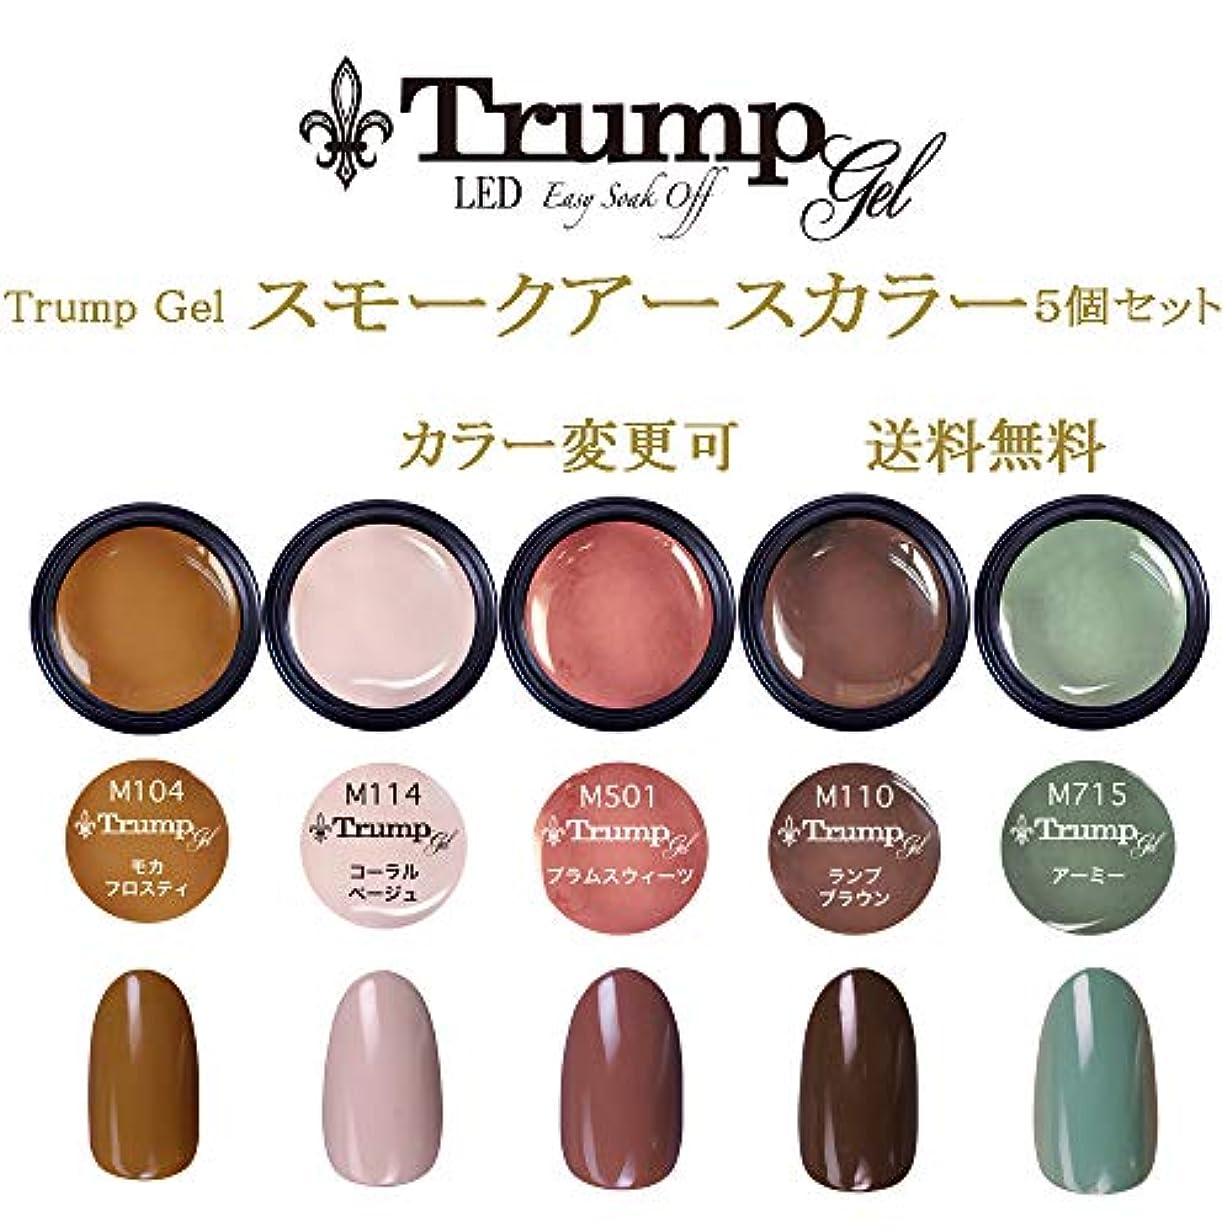 ピアニスト主流会員【送料無料】日本製 Trump gel トランプジェル スモークアース 選べる カラージェル 5個セット スモーキー アースカラー ベージュ ブラウン マスタード カーキ カラー